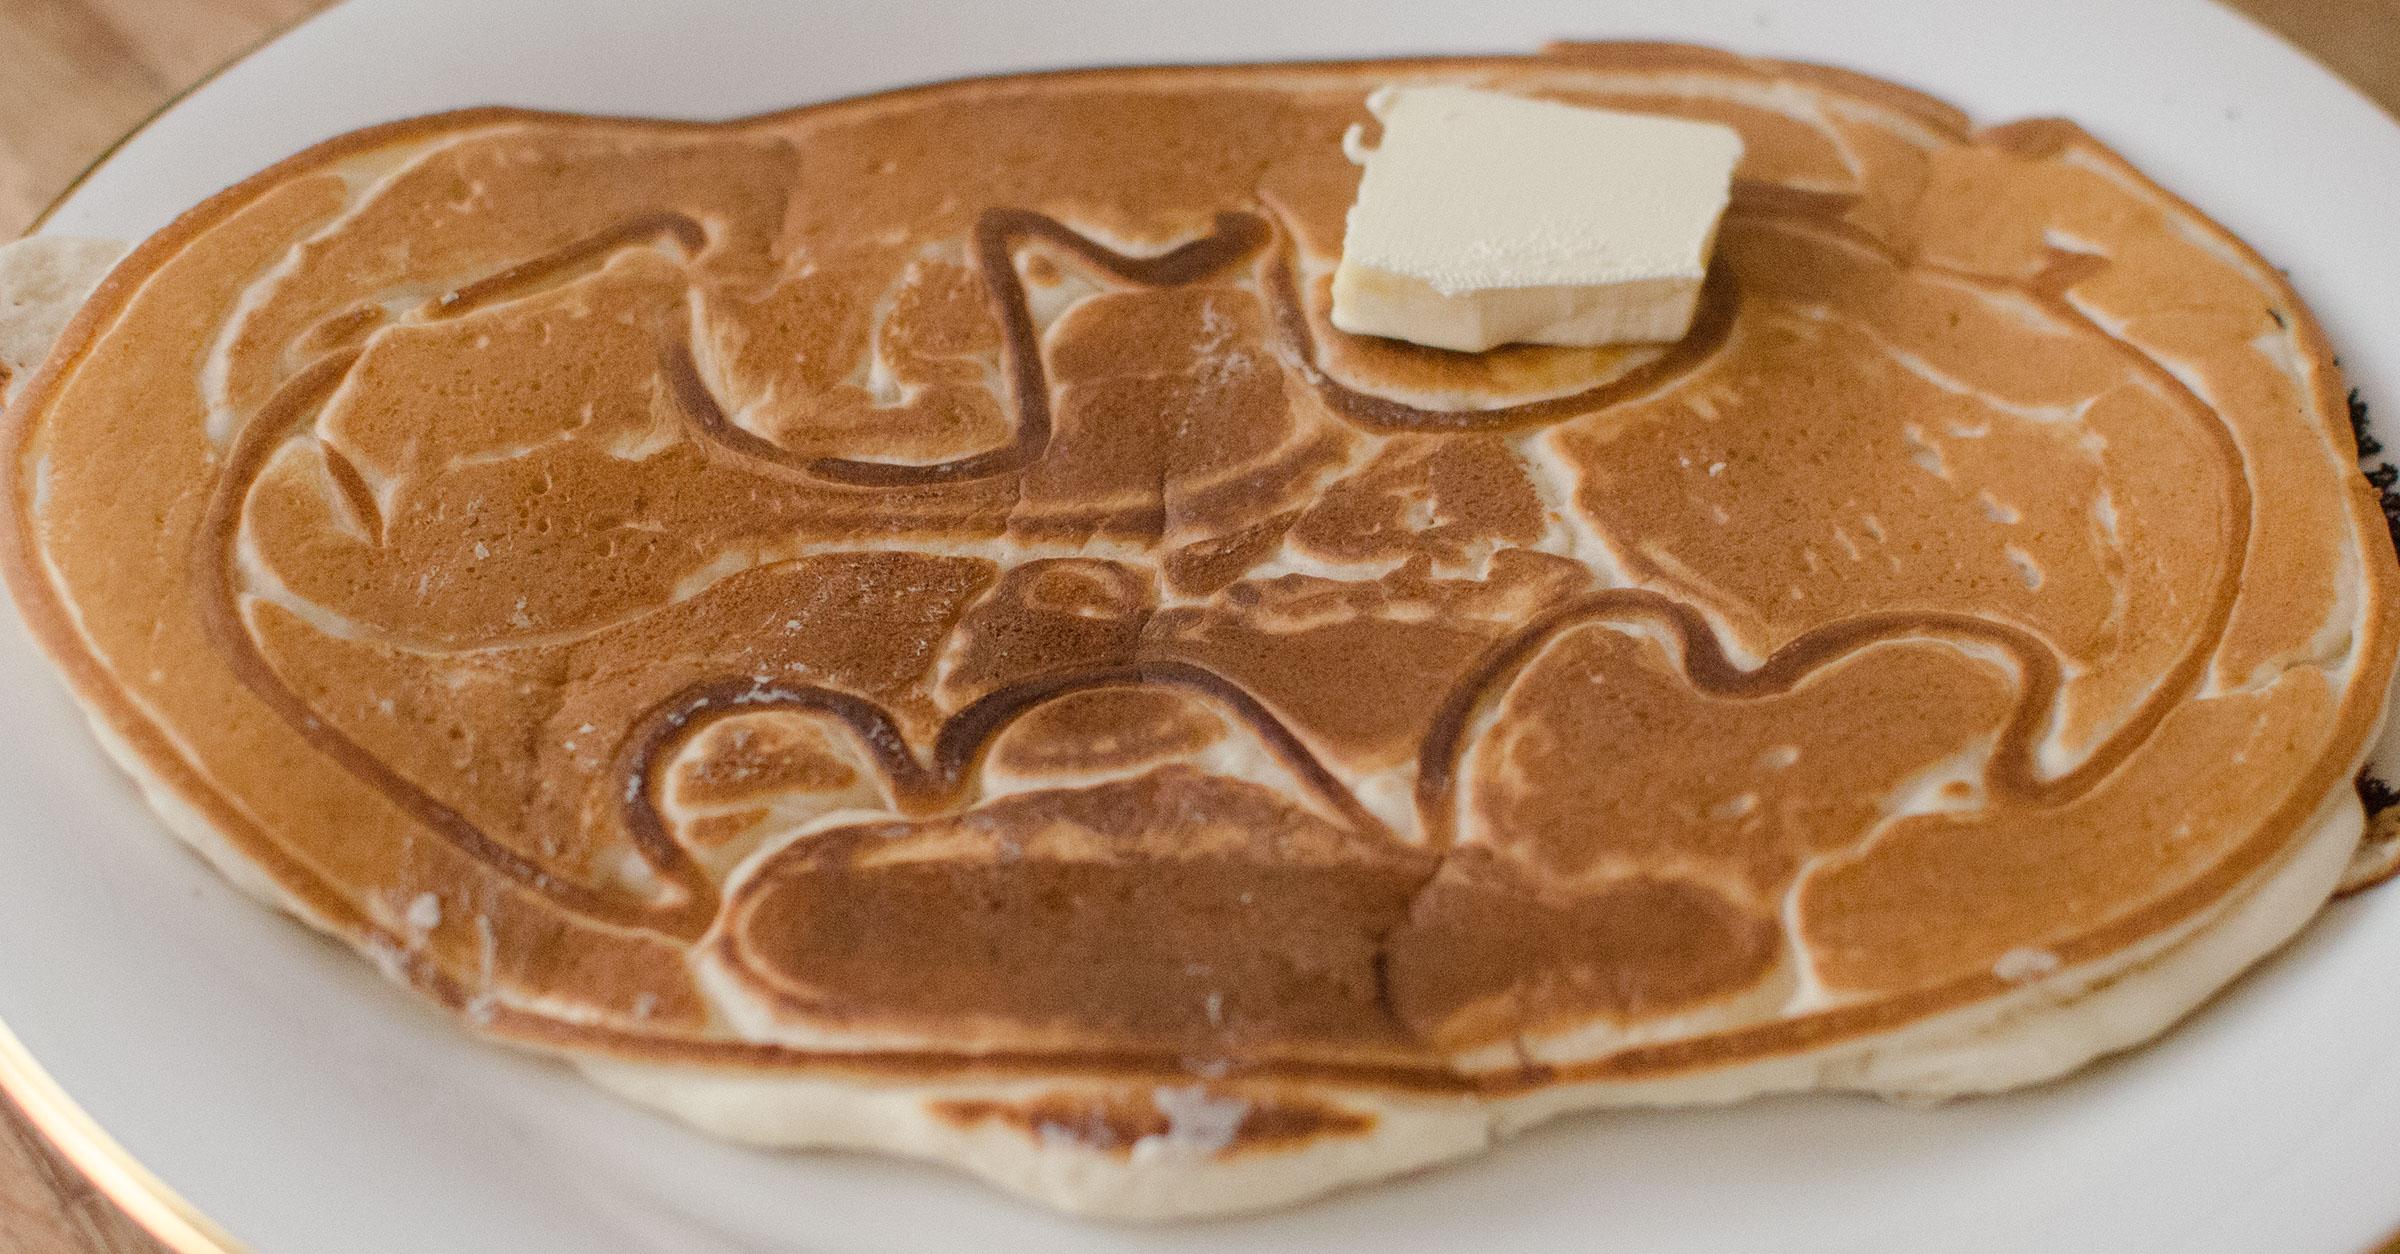 How to Make Superhero Pancakes